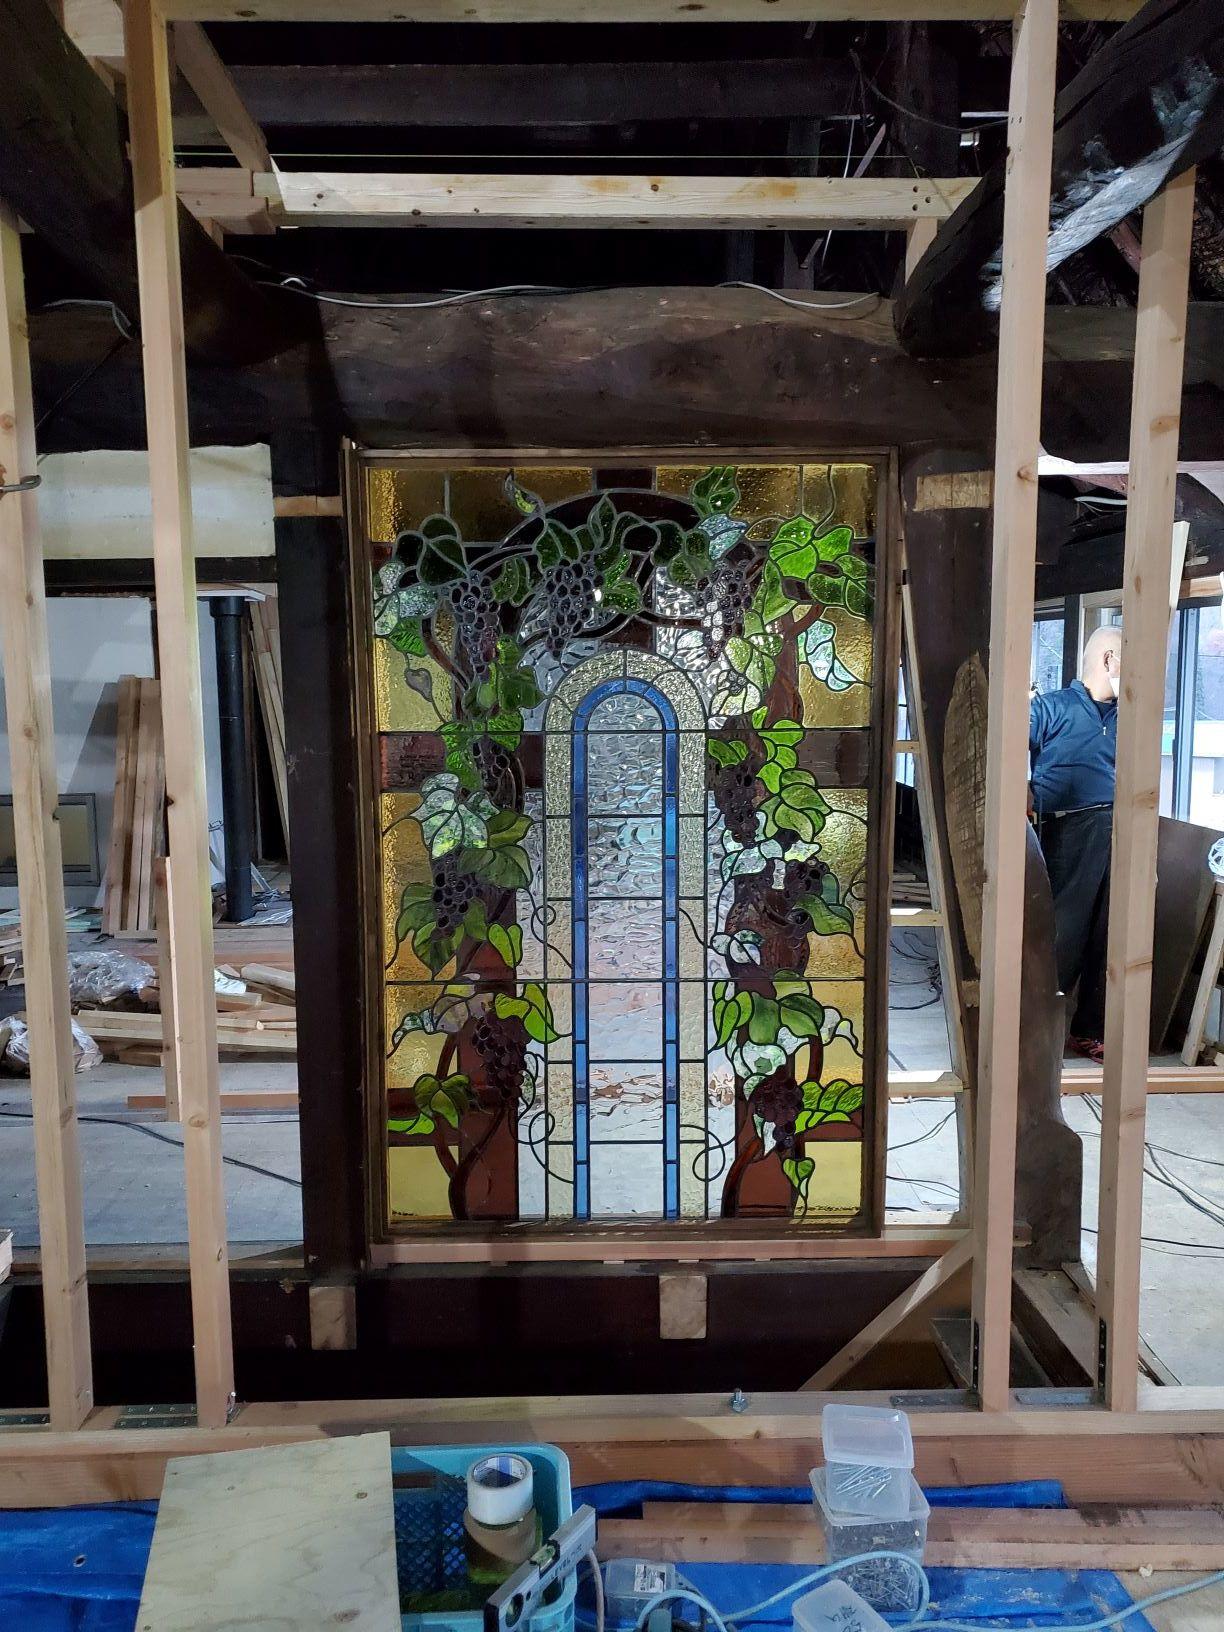 ステンドグラスと前庭の木々_b0304722_21312356.jpg